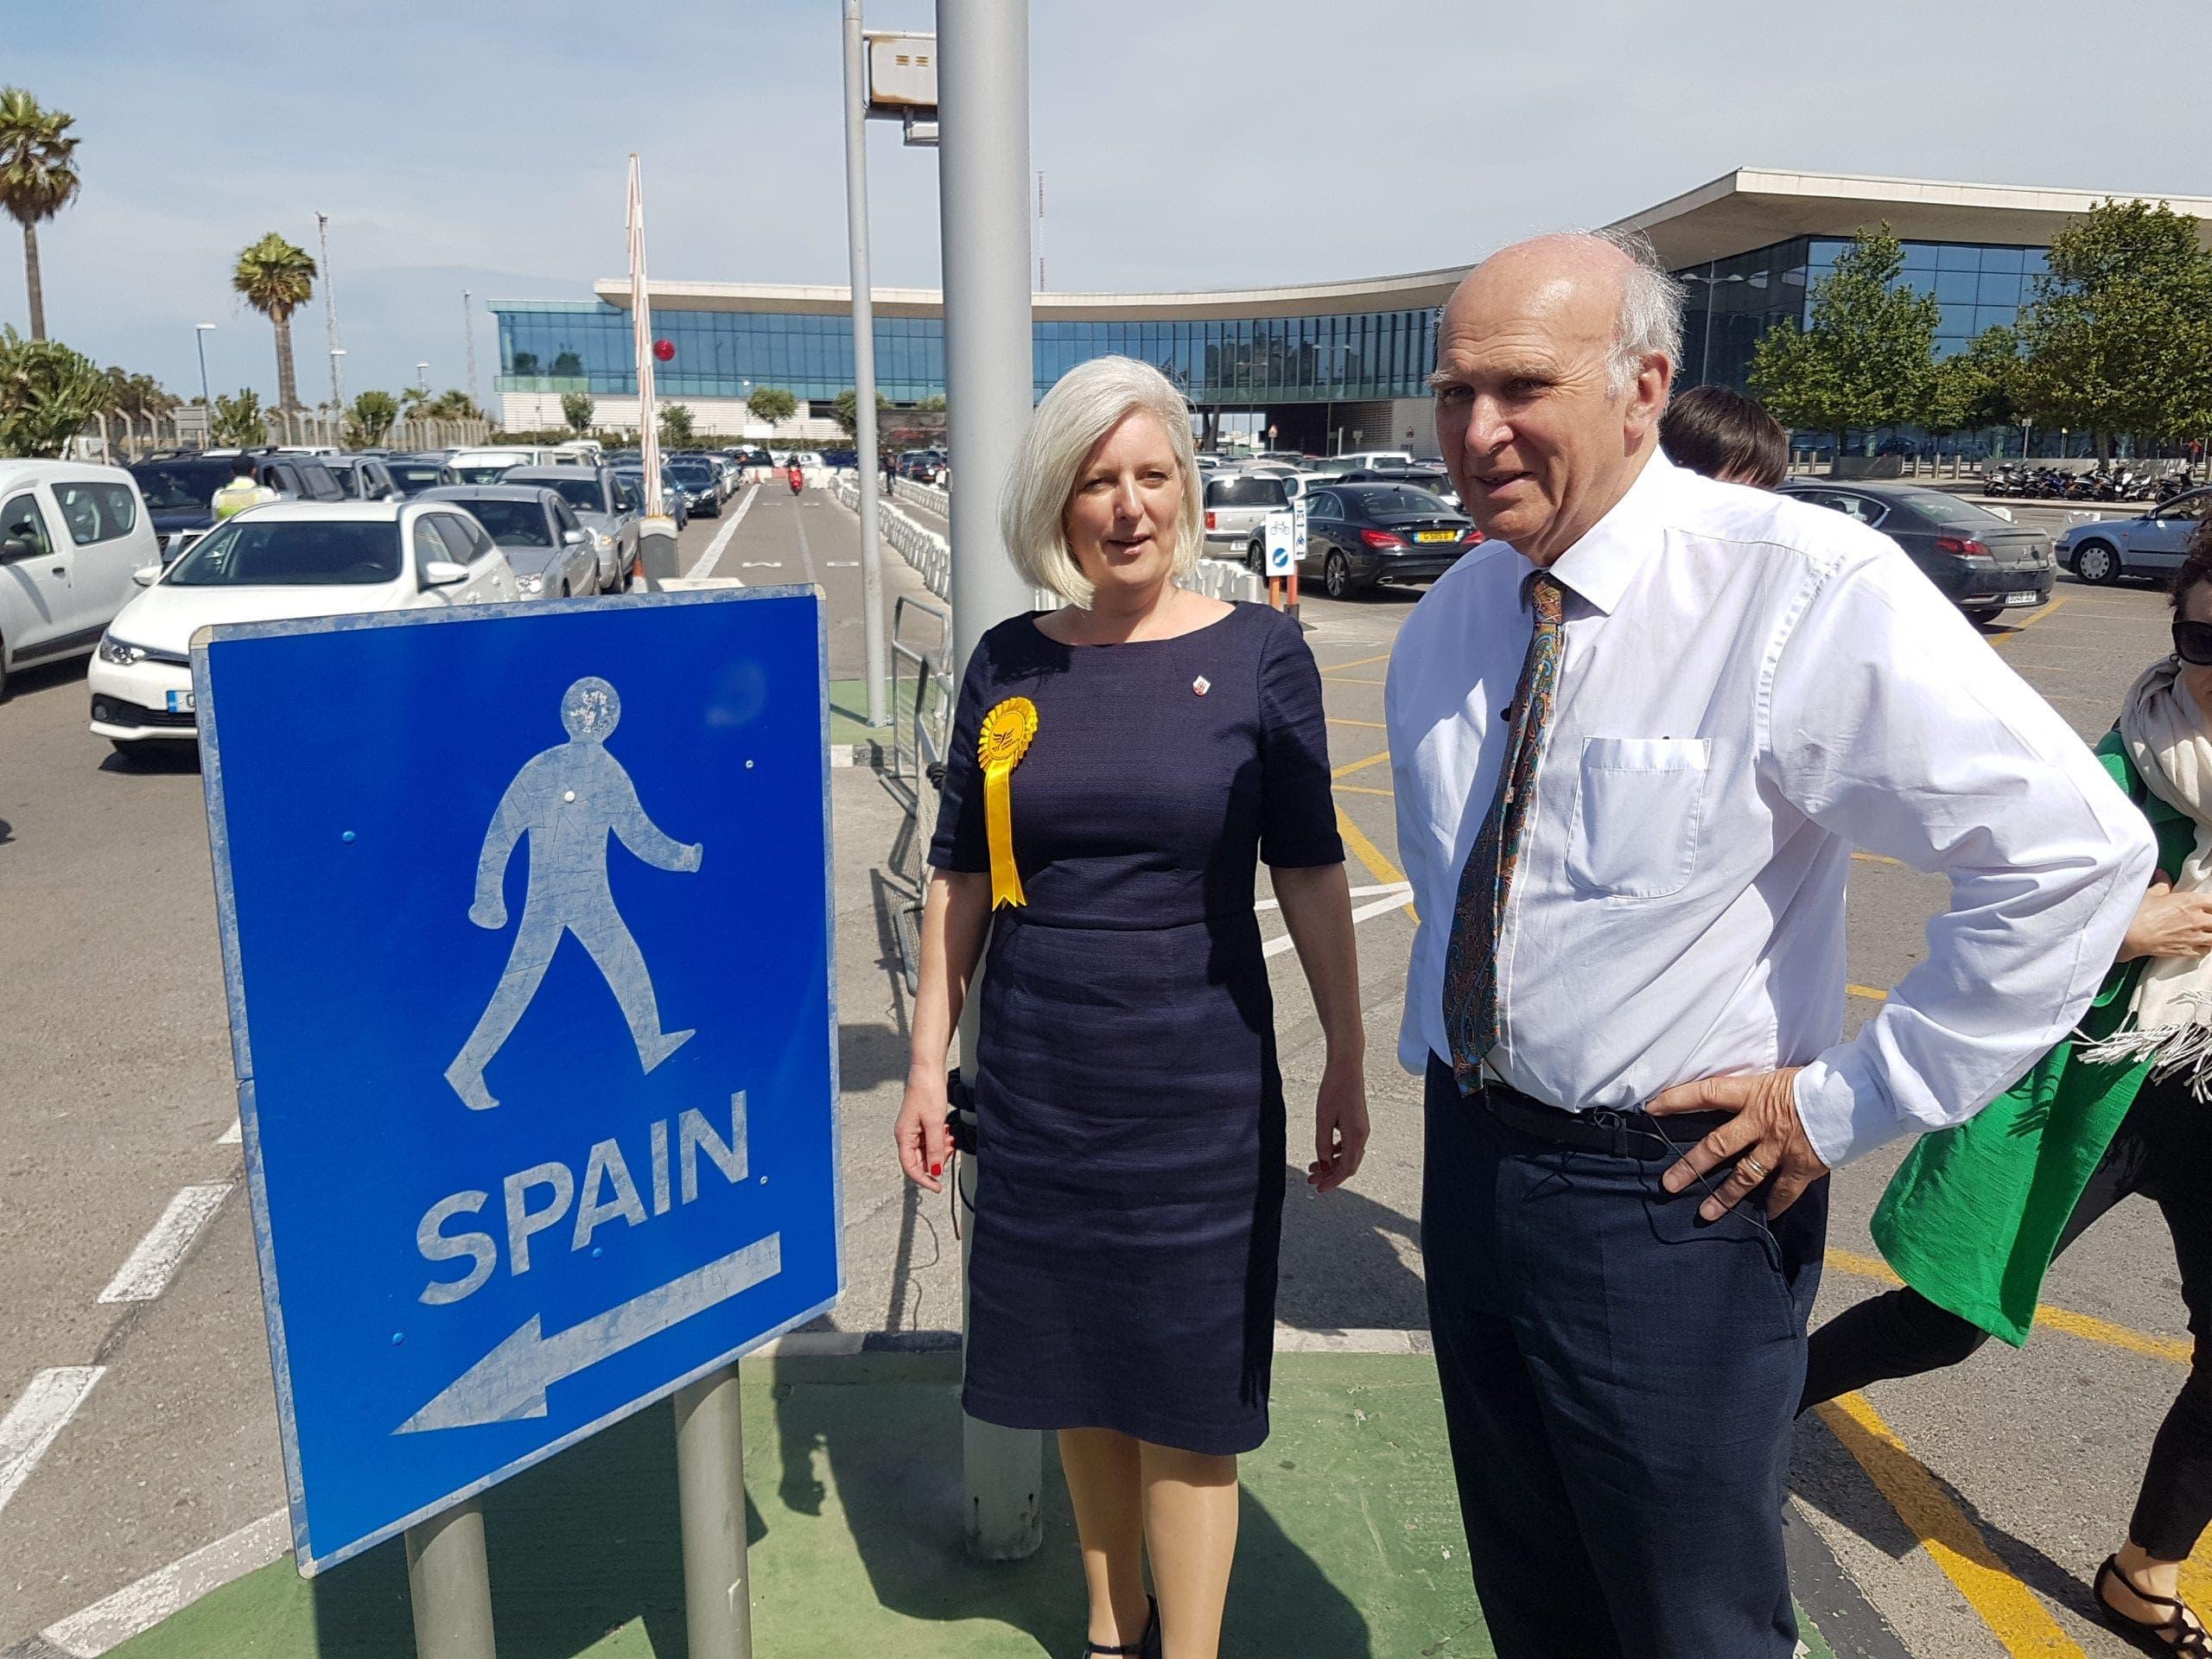 """, Vince Cable dice que el Brexit va a """"realmente lastimar"""" a Gibraltar, mientras Rachel Johnson pide que el artículo 50 sea revocado"""